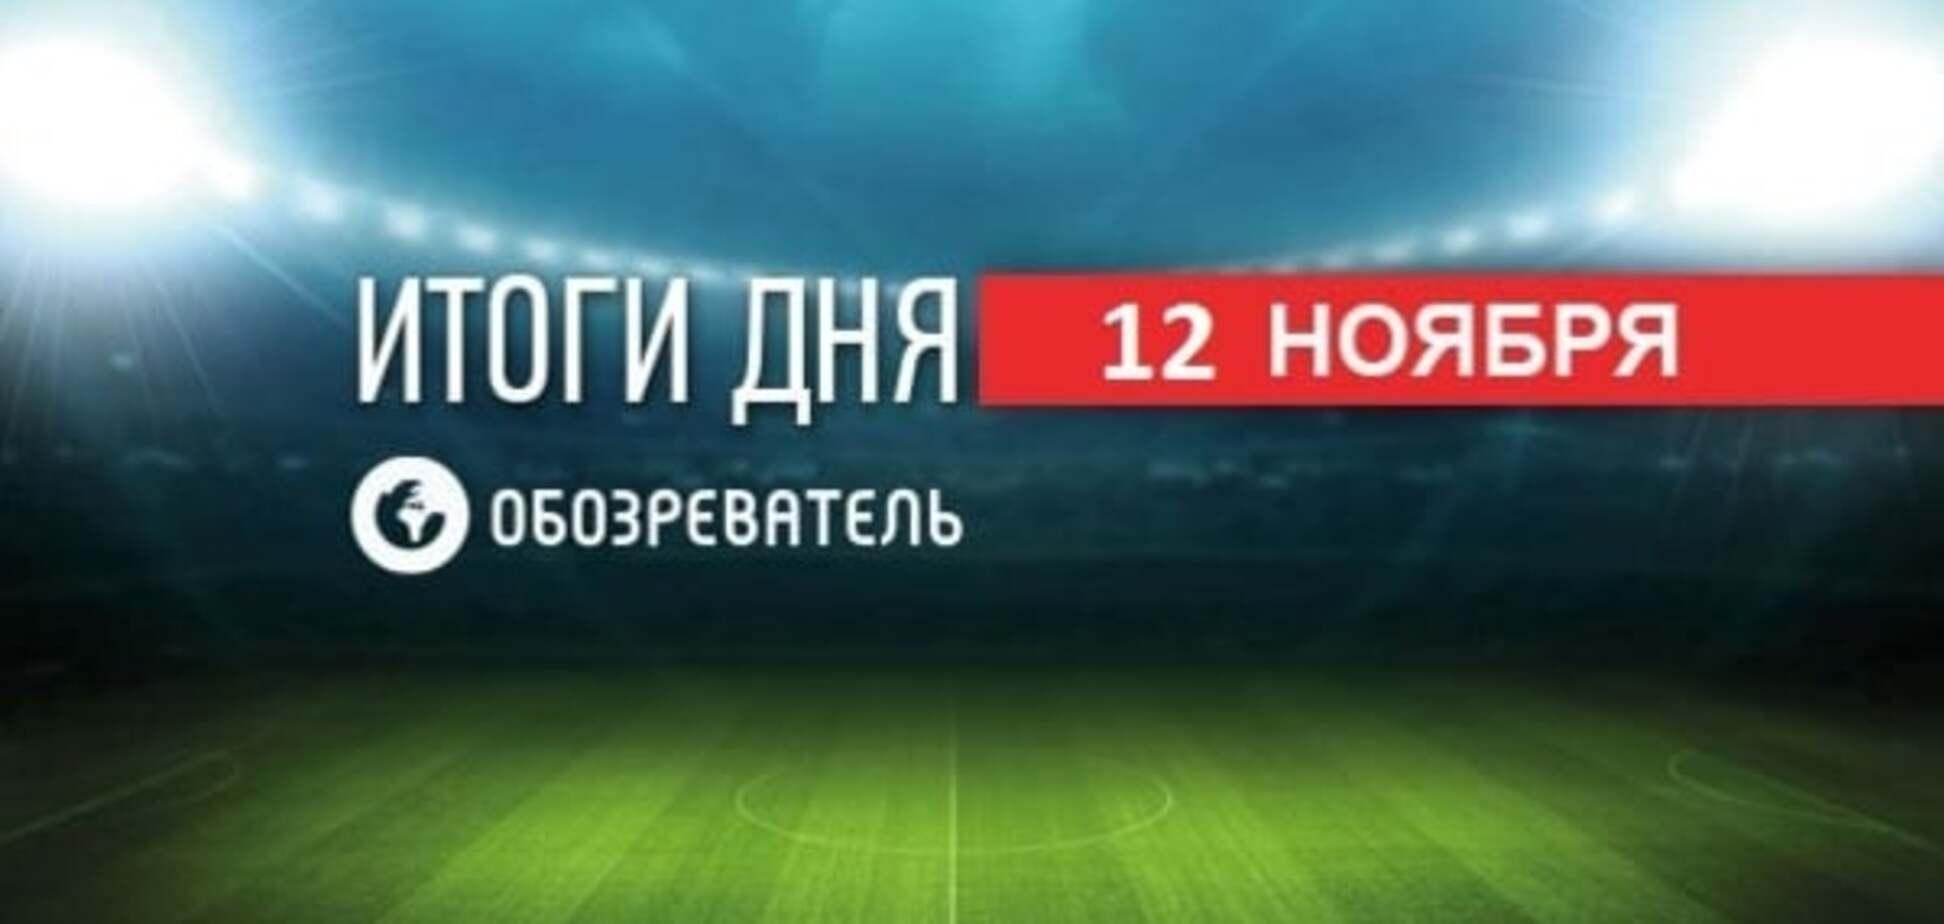 'Шахтер' нашел альтернативу Львову. Спортивные итоги 11 ноября